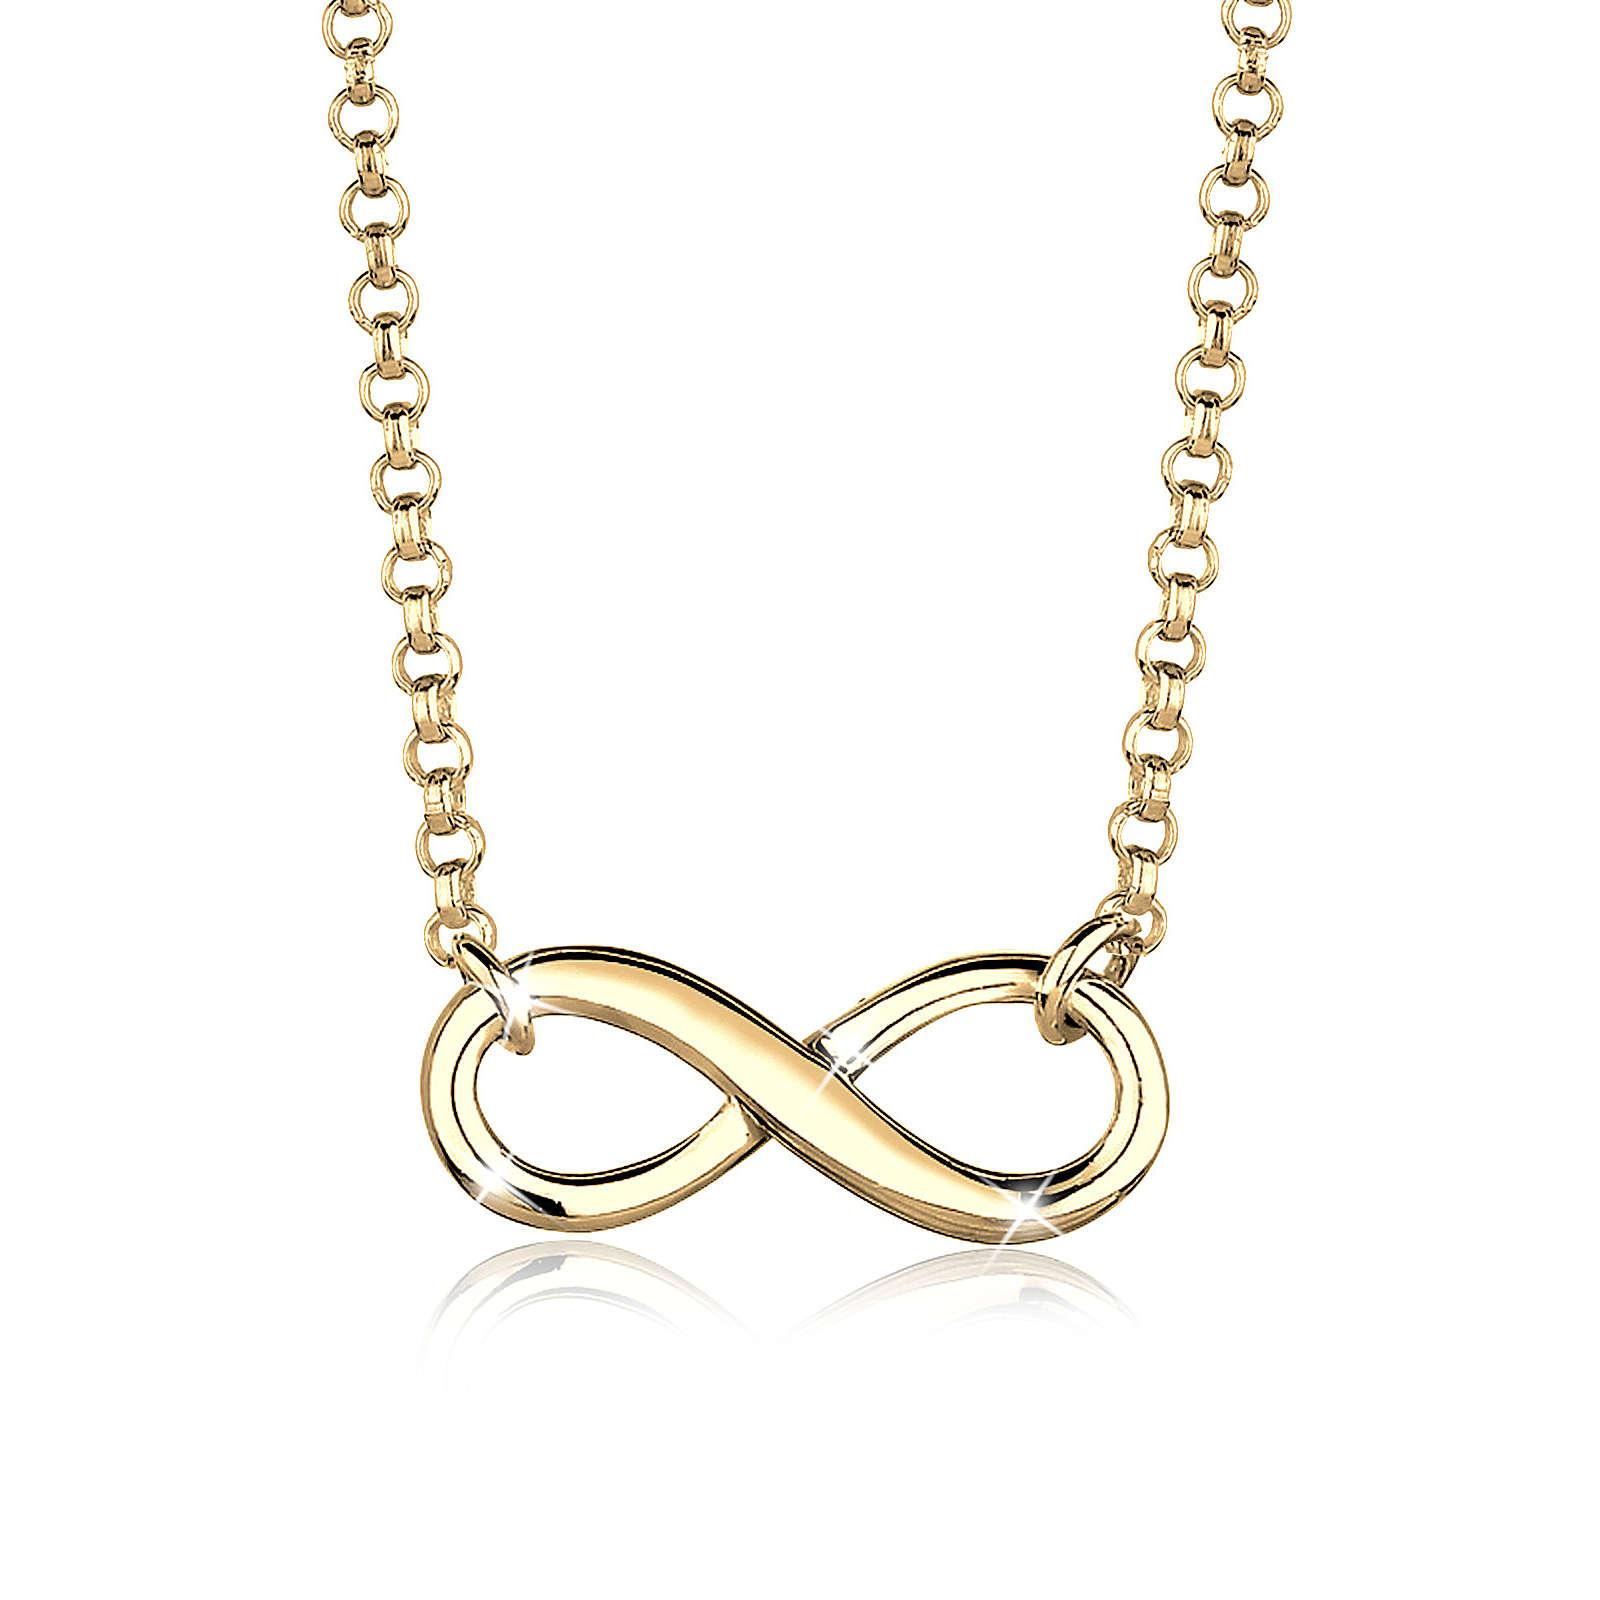 Elli Halskette Infinity Unendlichkeit 925 Sterling Silber Halsketten gold Damen Gr. one size